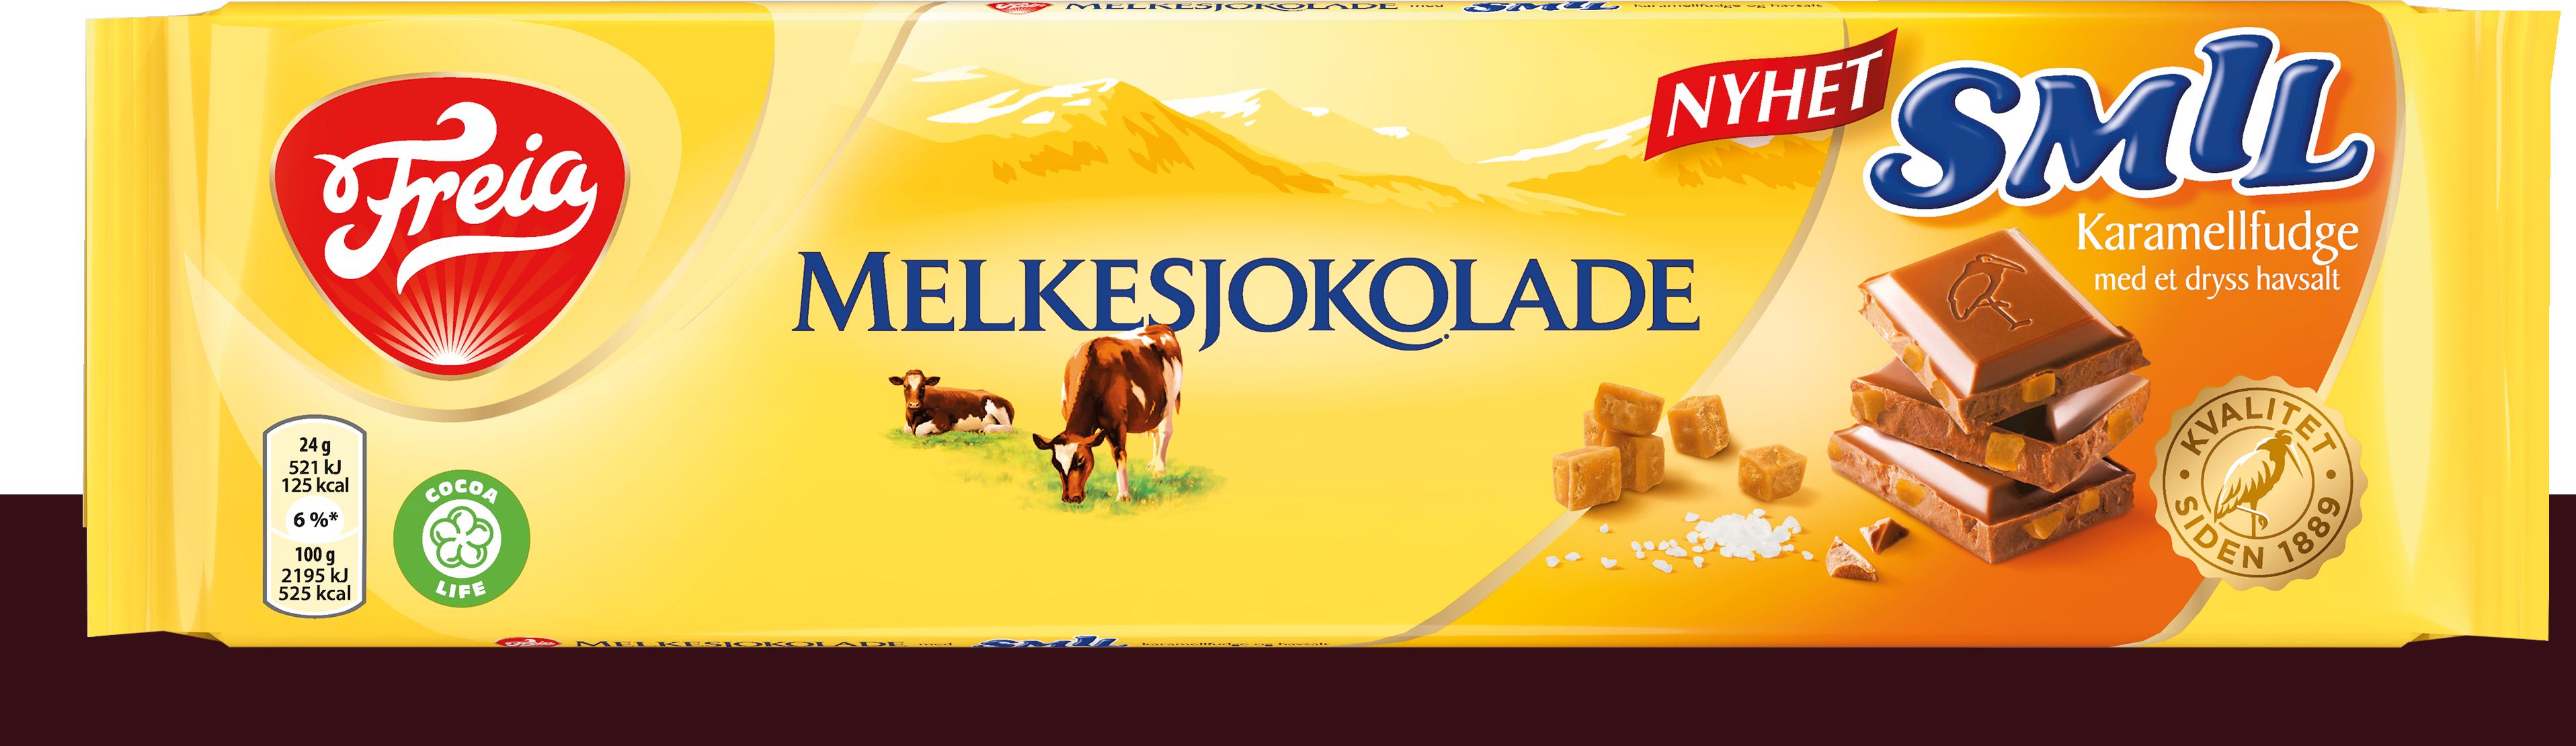 Freia Melkesjokolade Smil Karamellfudge 200g